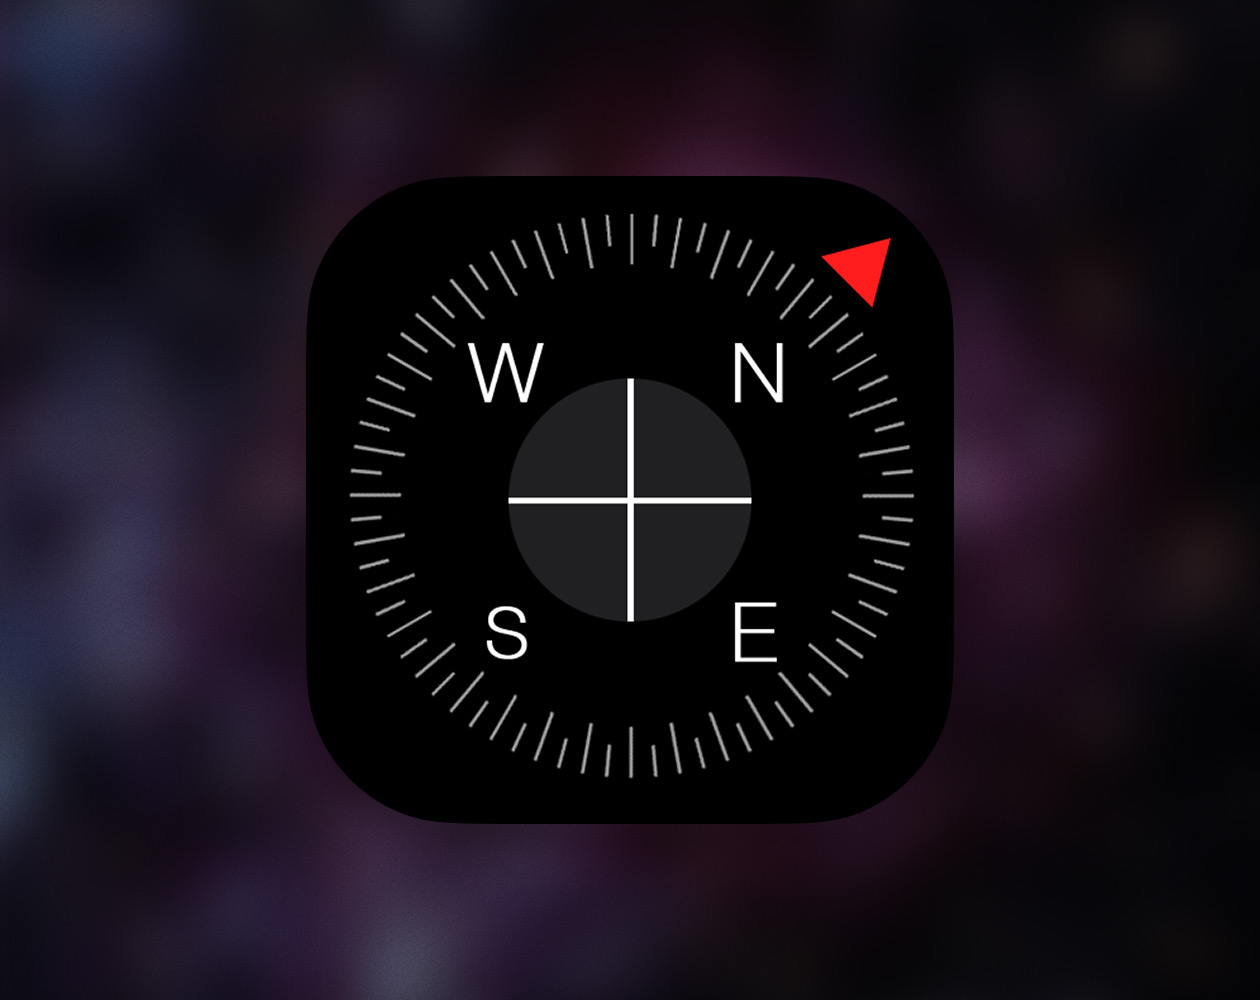 Компас в iOS как средство для базовой навигации и ориентировании в пространстве